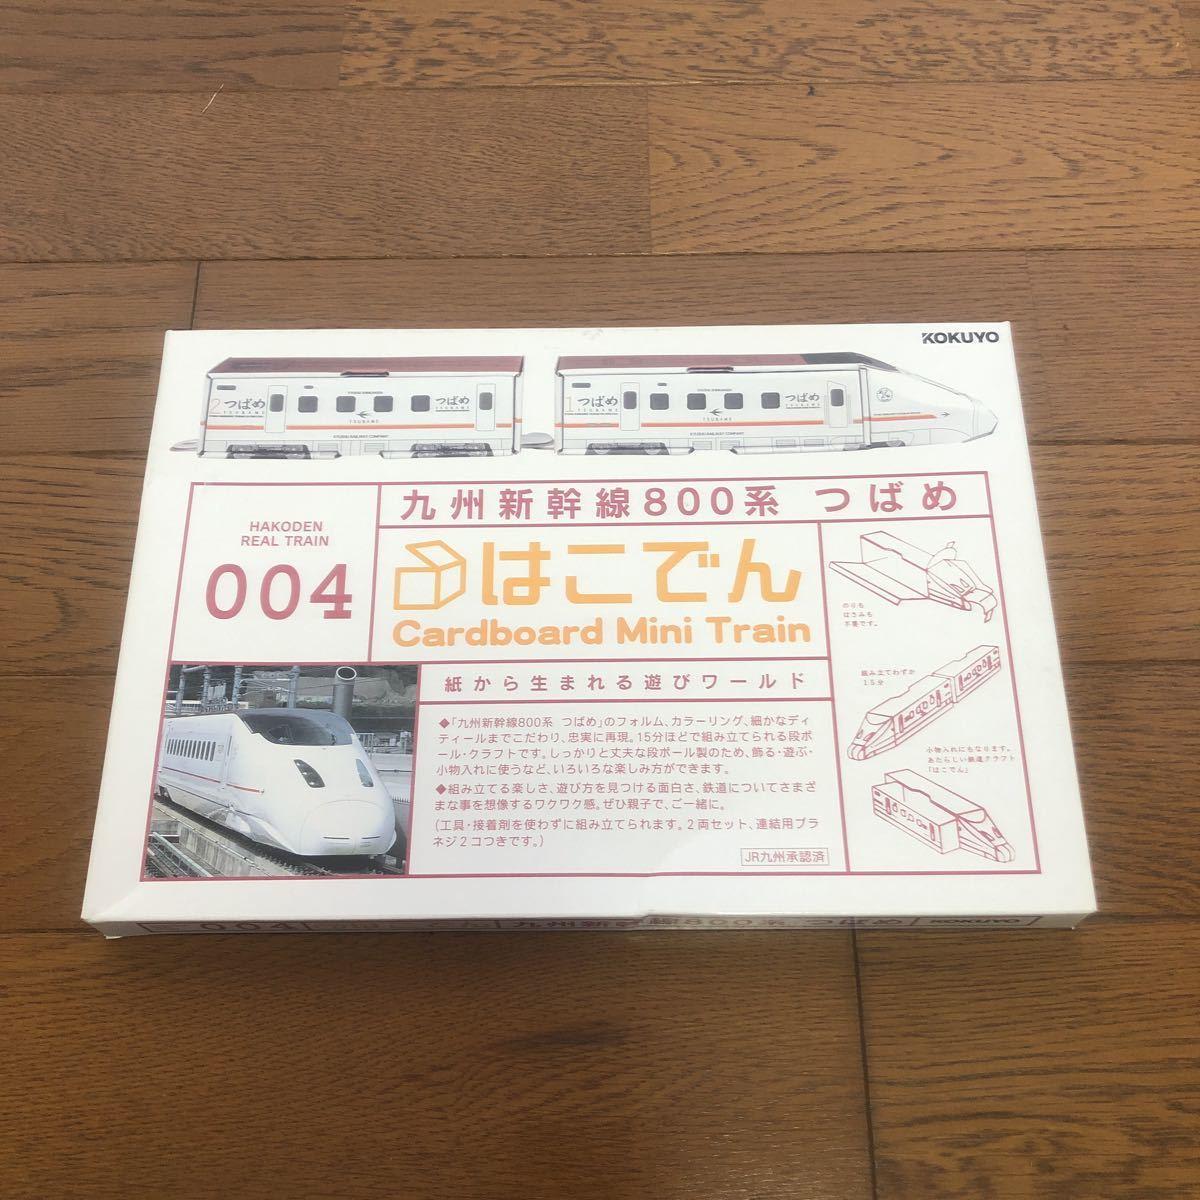 即決 KOKUYO コクヨ はこでん 九州新幹線800系 つばめ_画像1